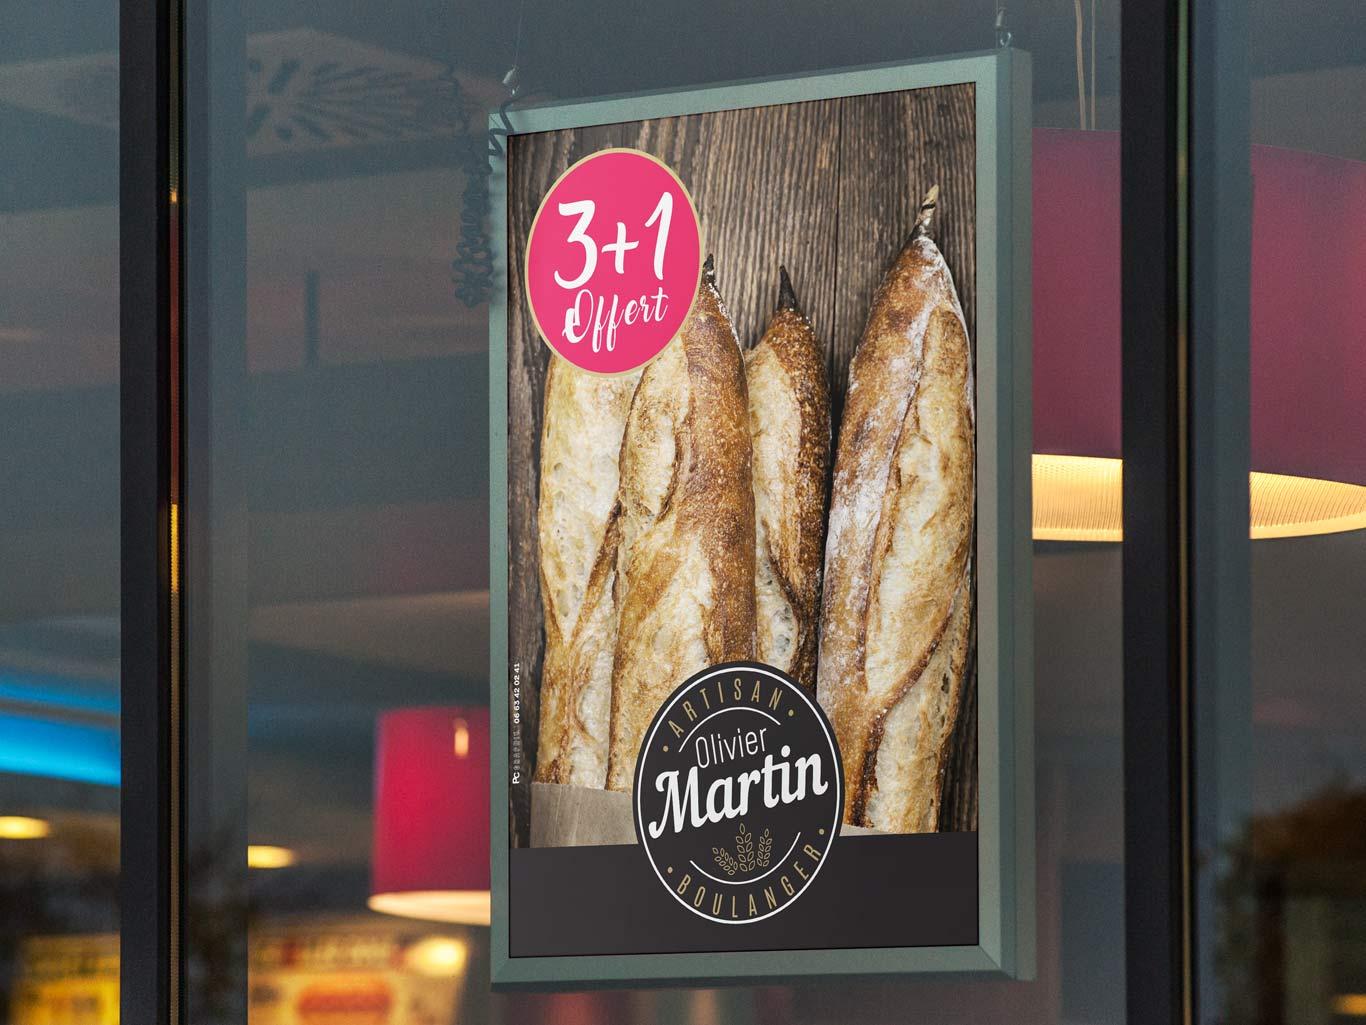 Affiche d'une promotion en boulangerie avec 4 baguettes